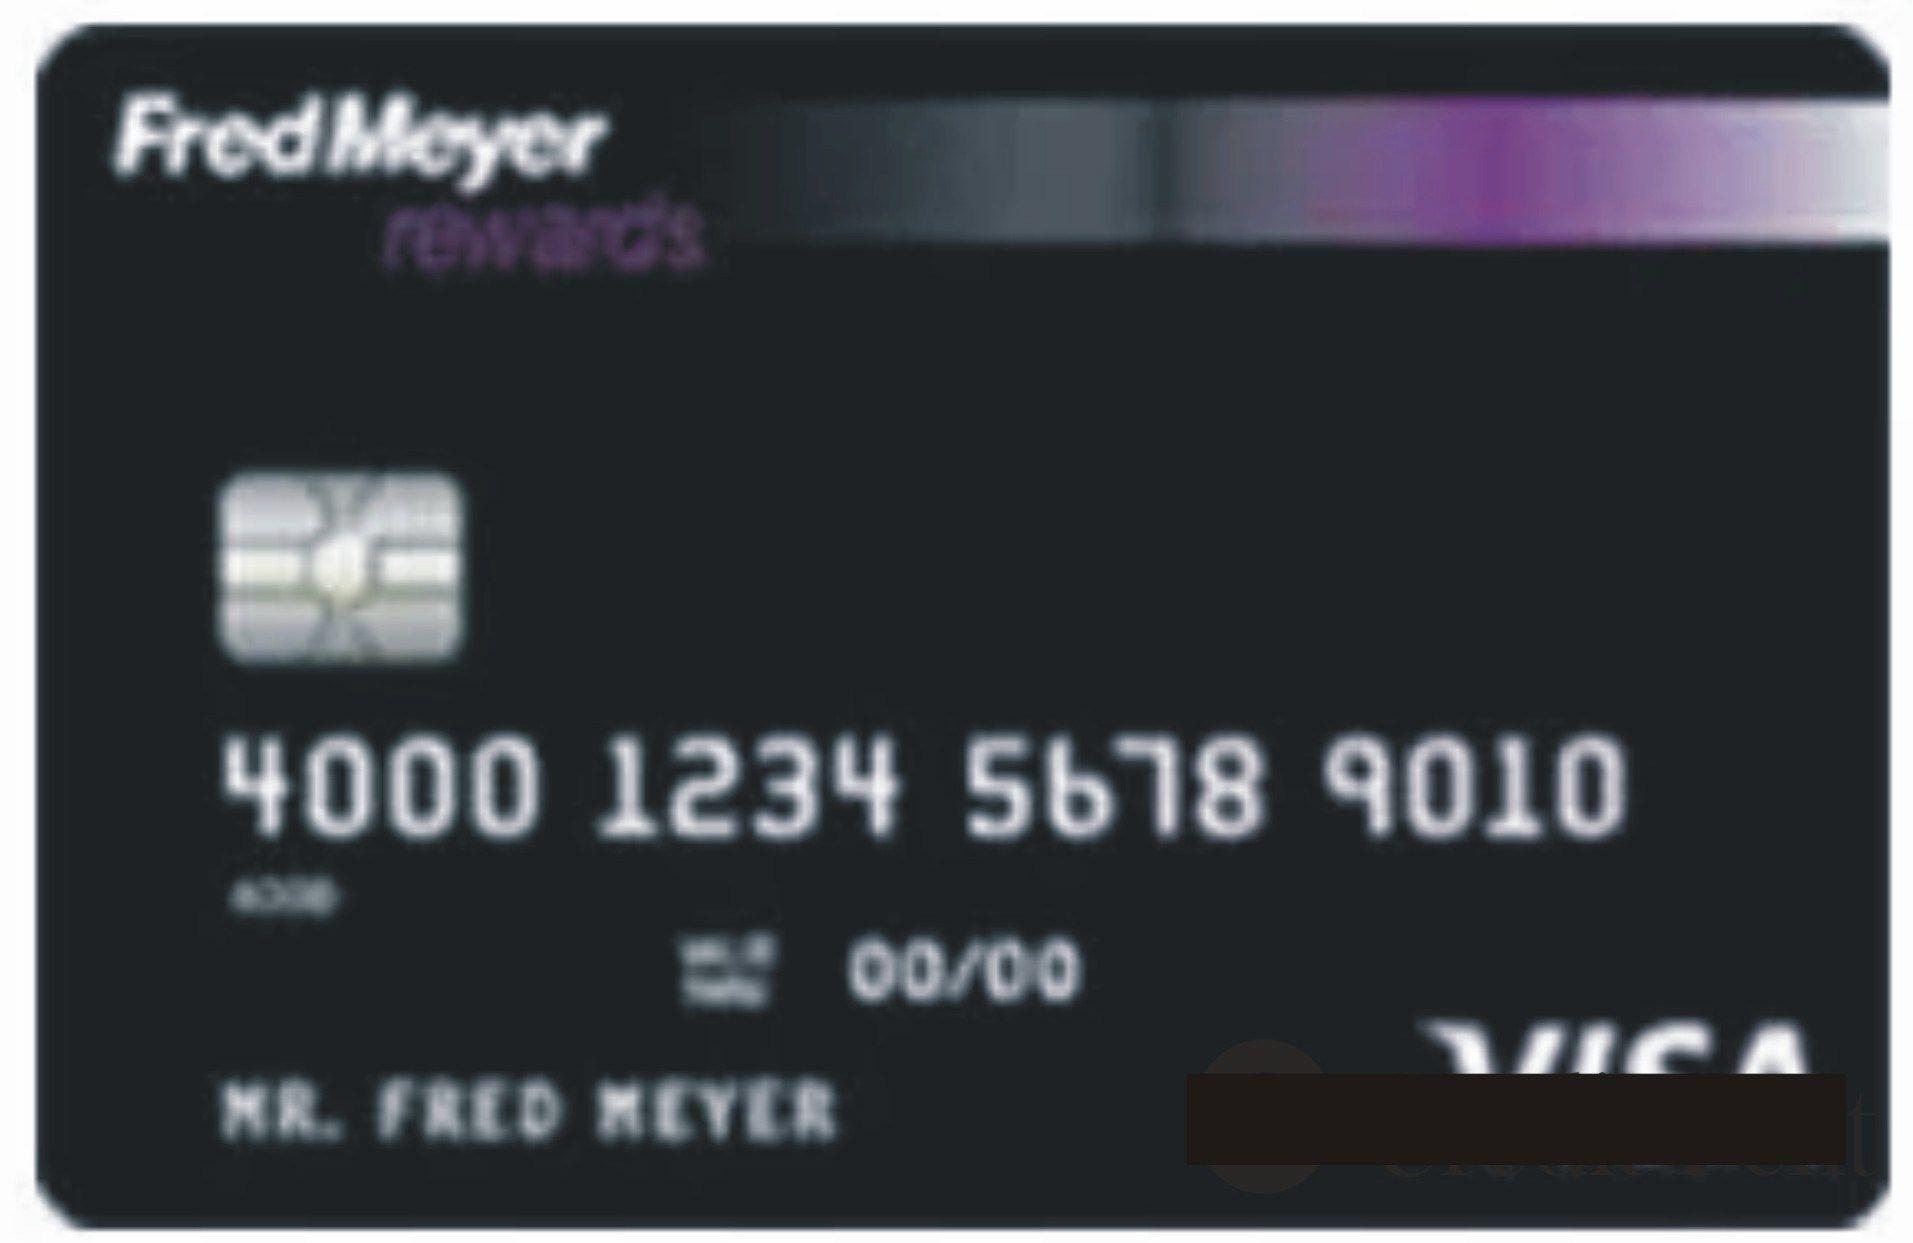 Fred+Meyer+Rewards+Mastercard+Login++US+Bank+Login